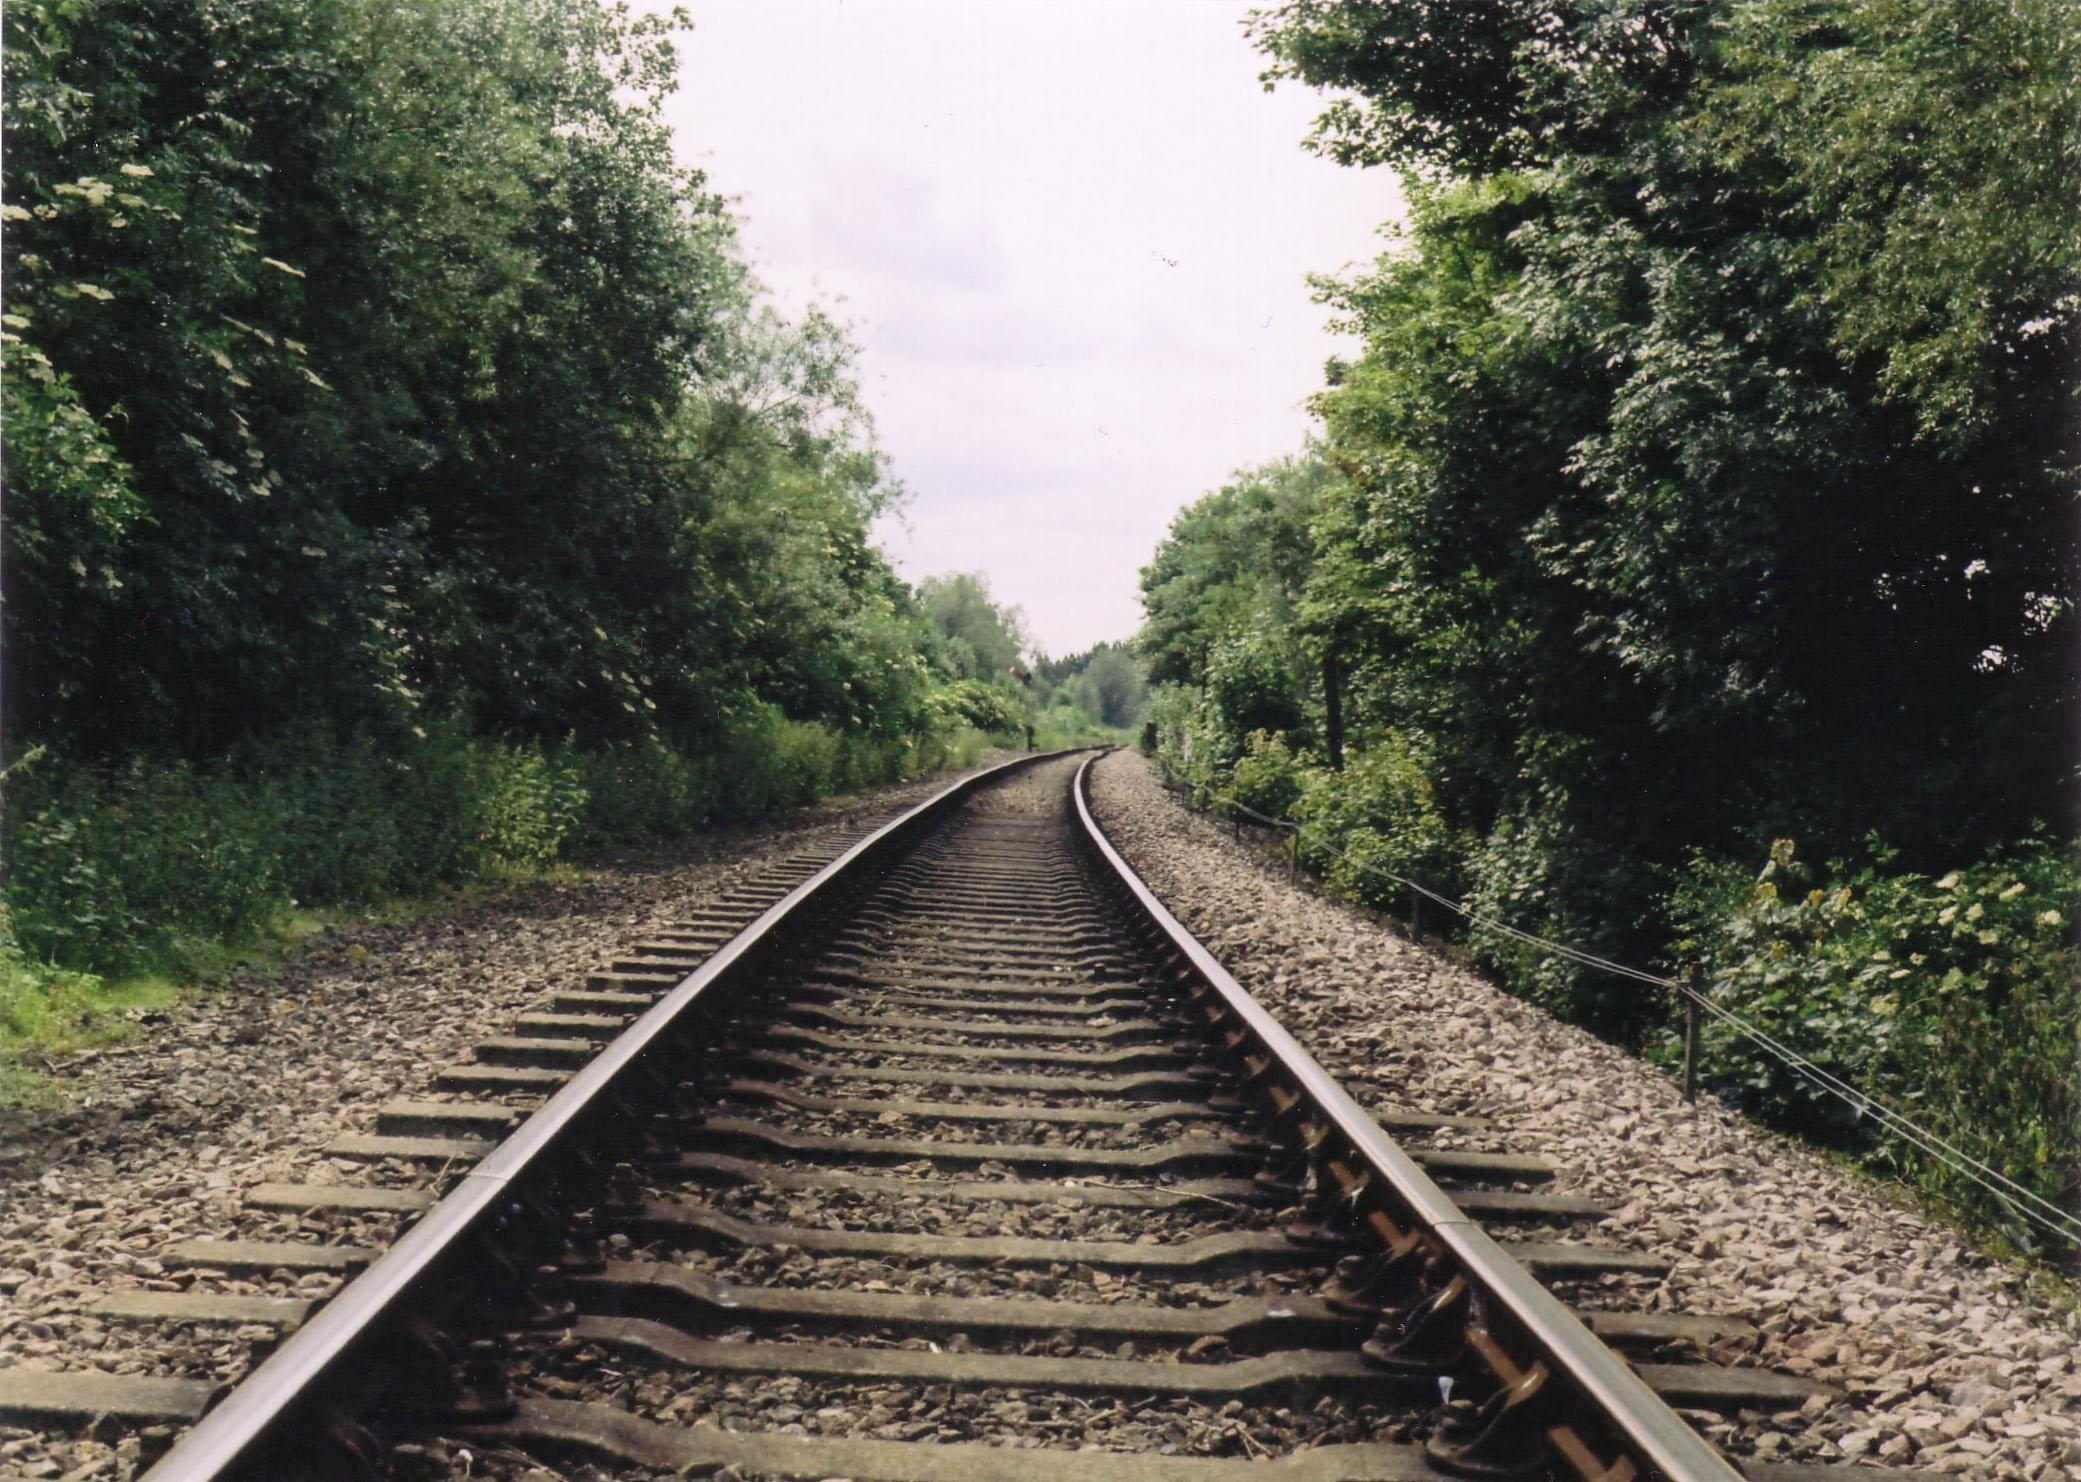 Traks - Long Train Running